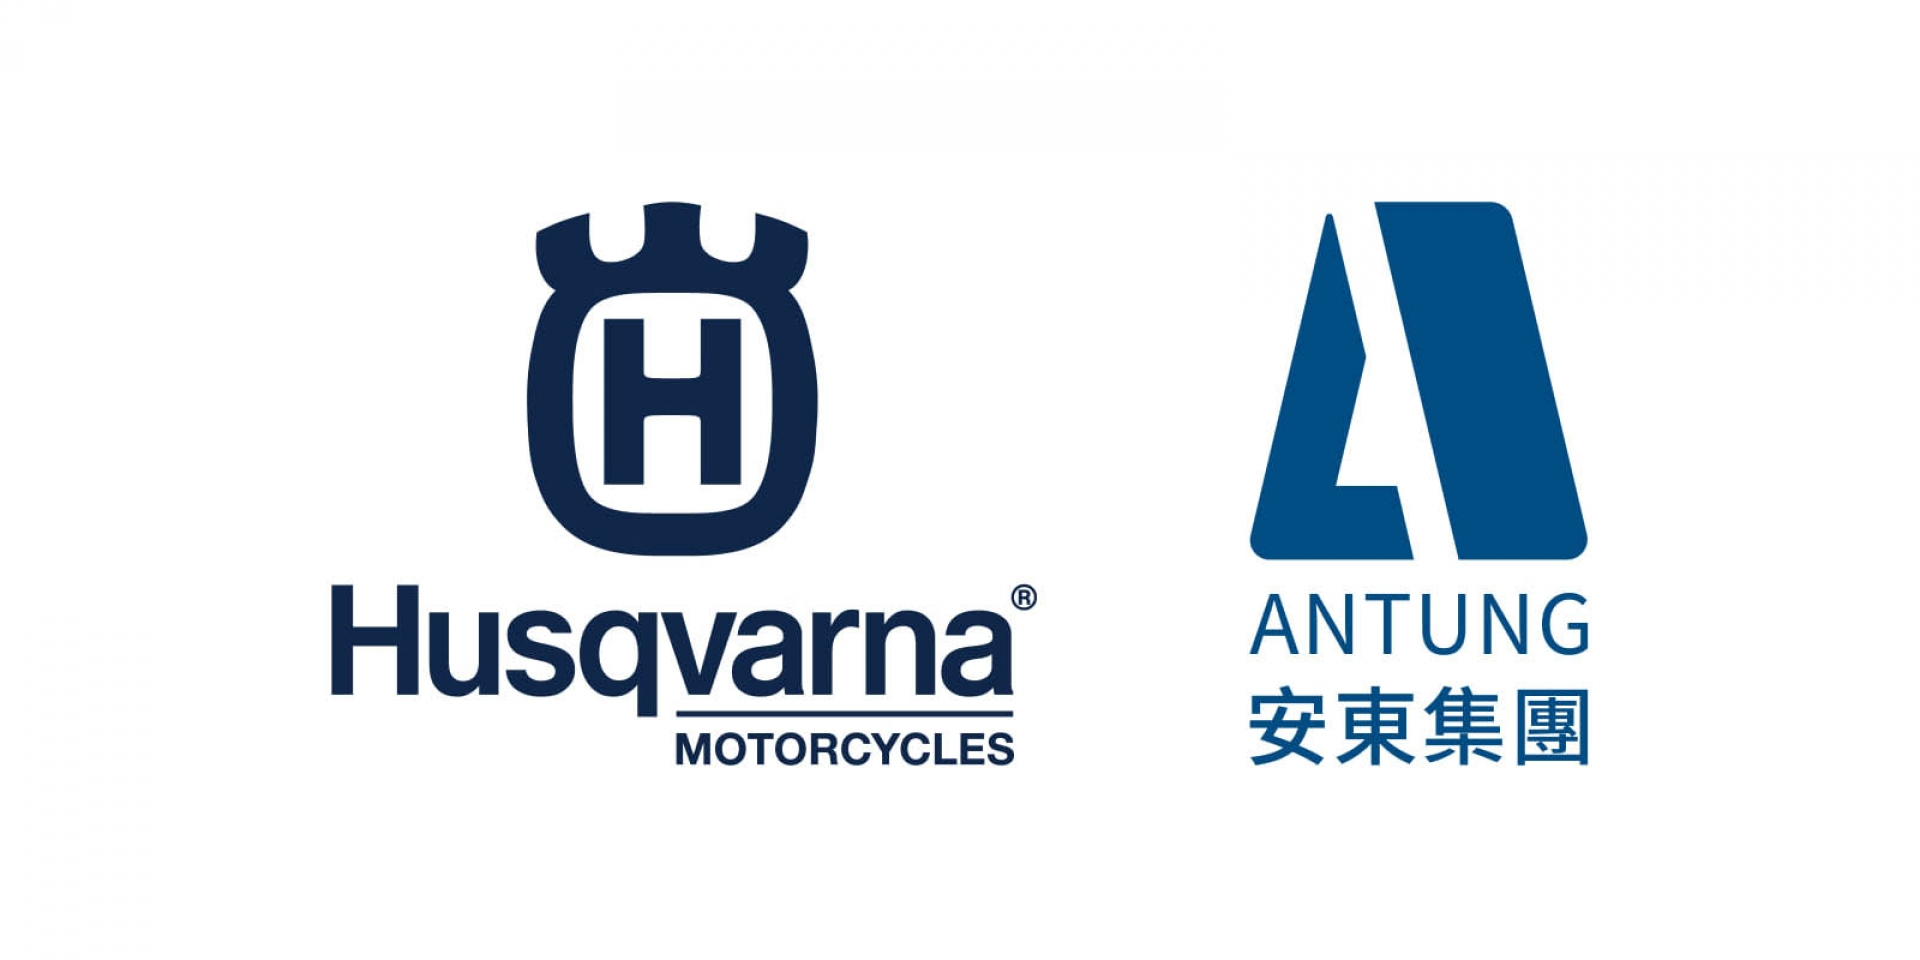 安東貿易成為Husqvarna在台新代理商!同集團KTM、Husqvarna一把抓